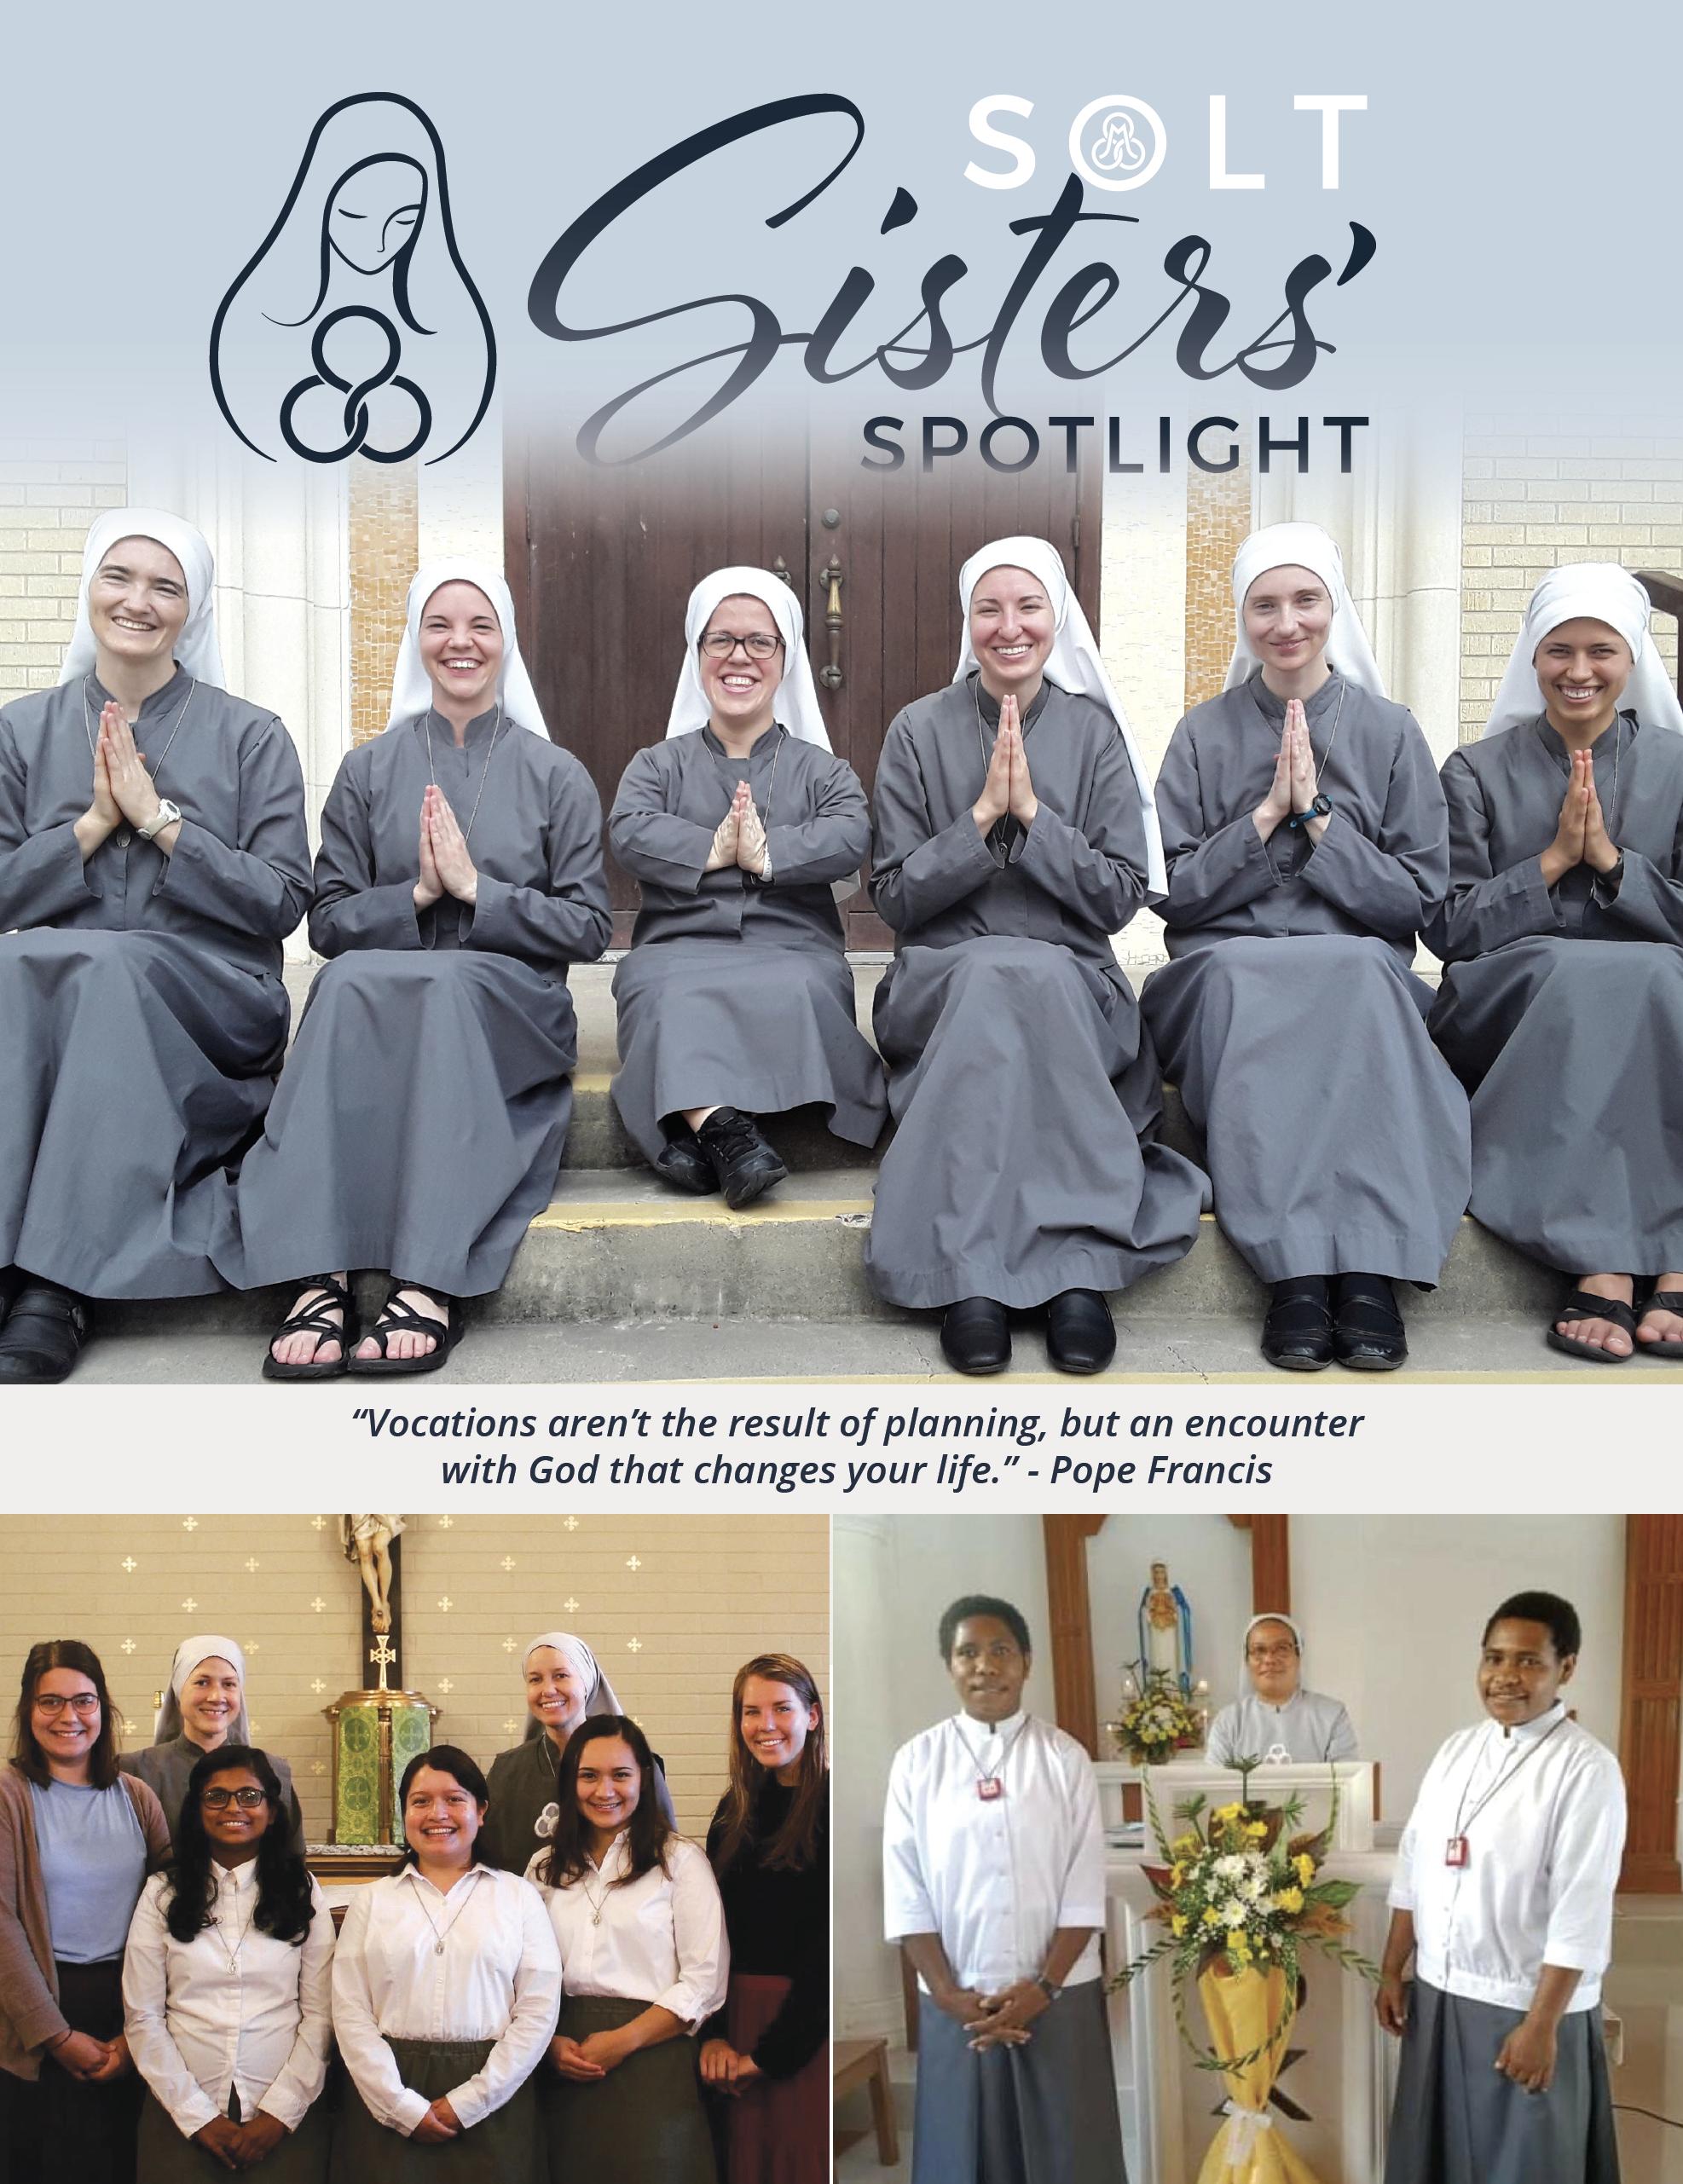 Solt Sisters Spotlight October 2020